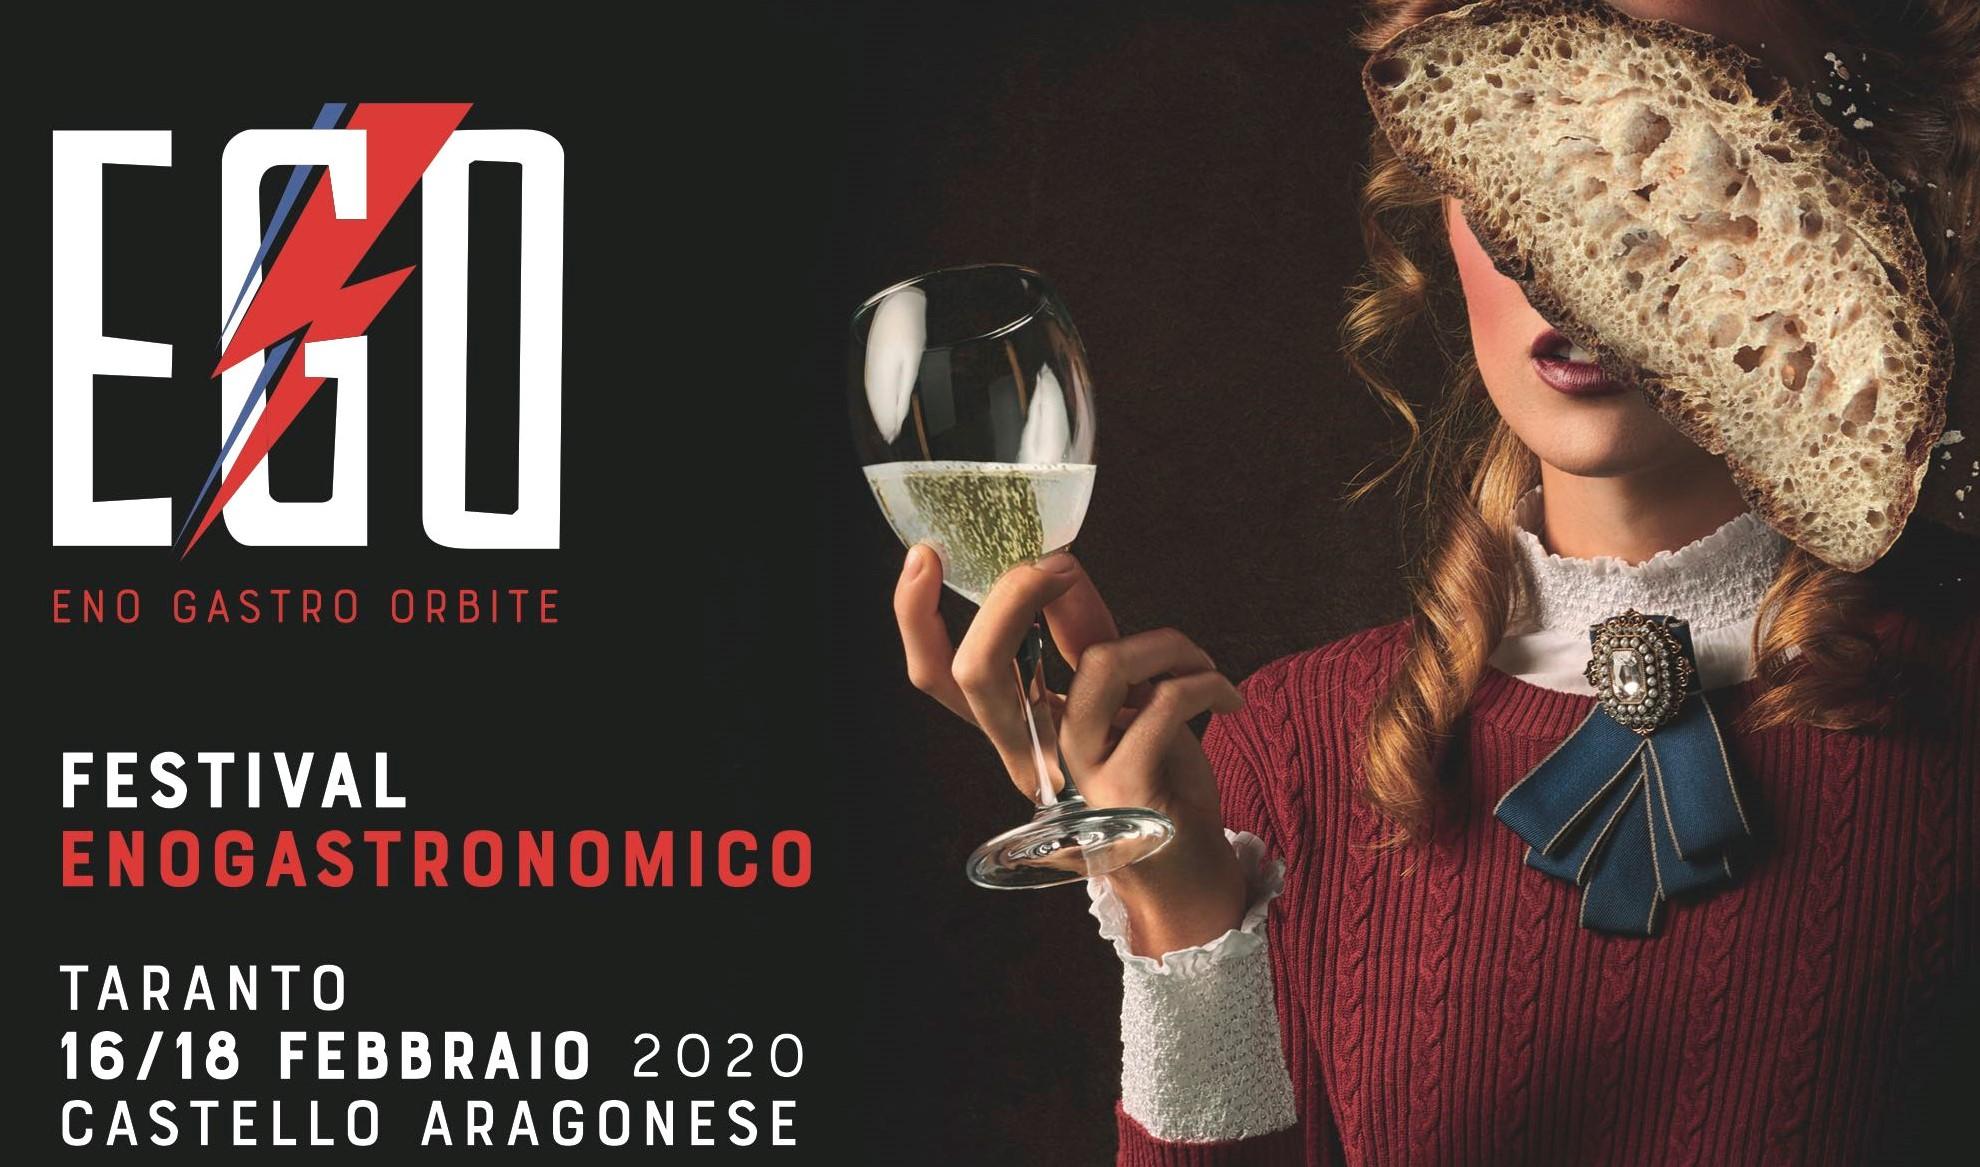 EGO alla terza edizione a Taranto